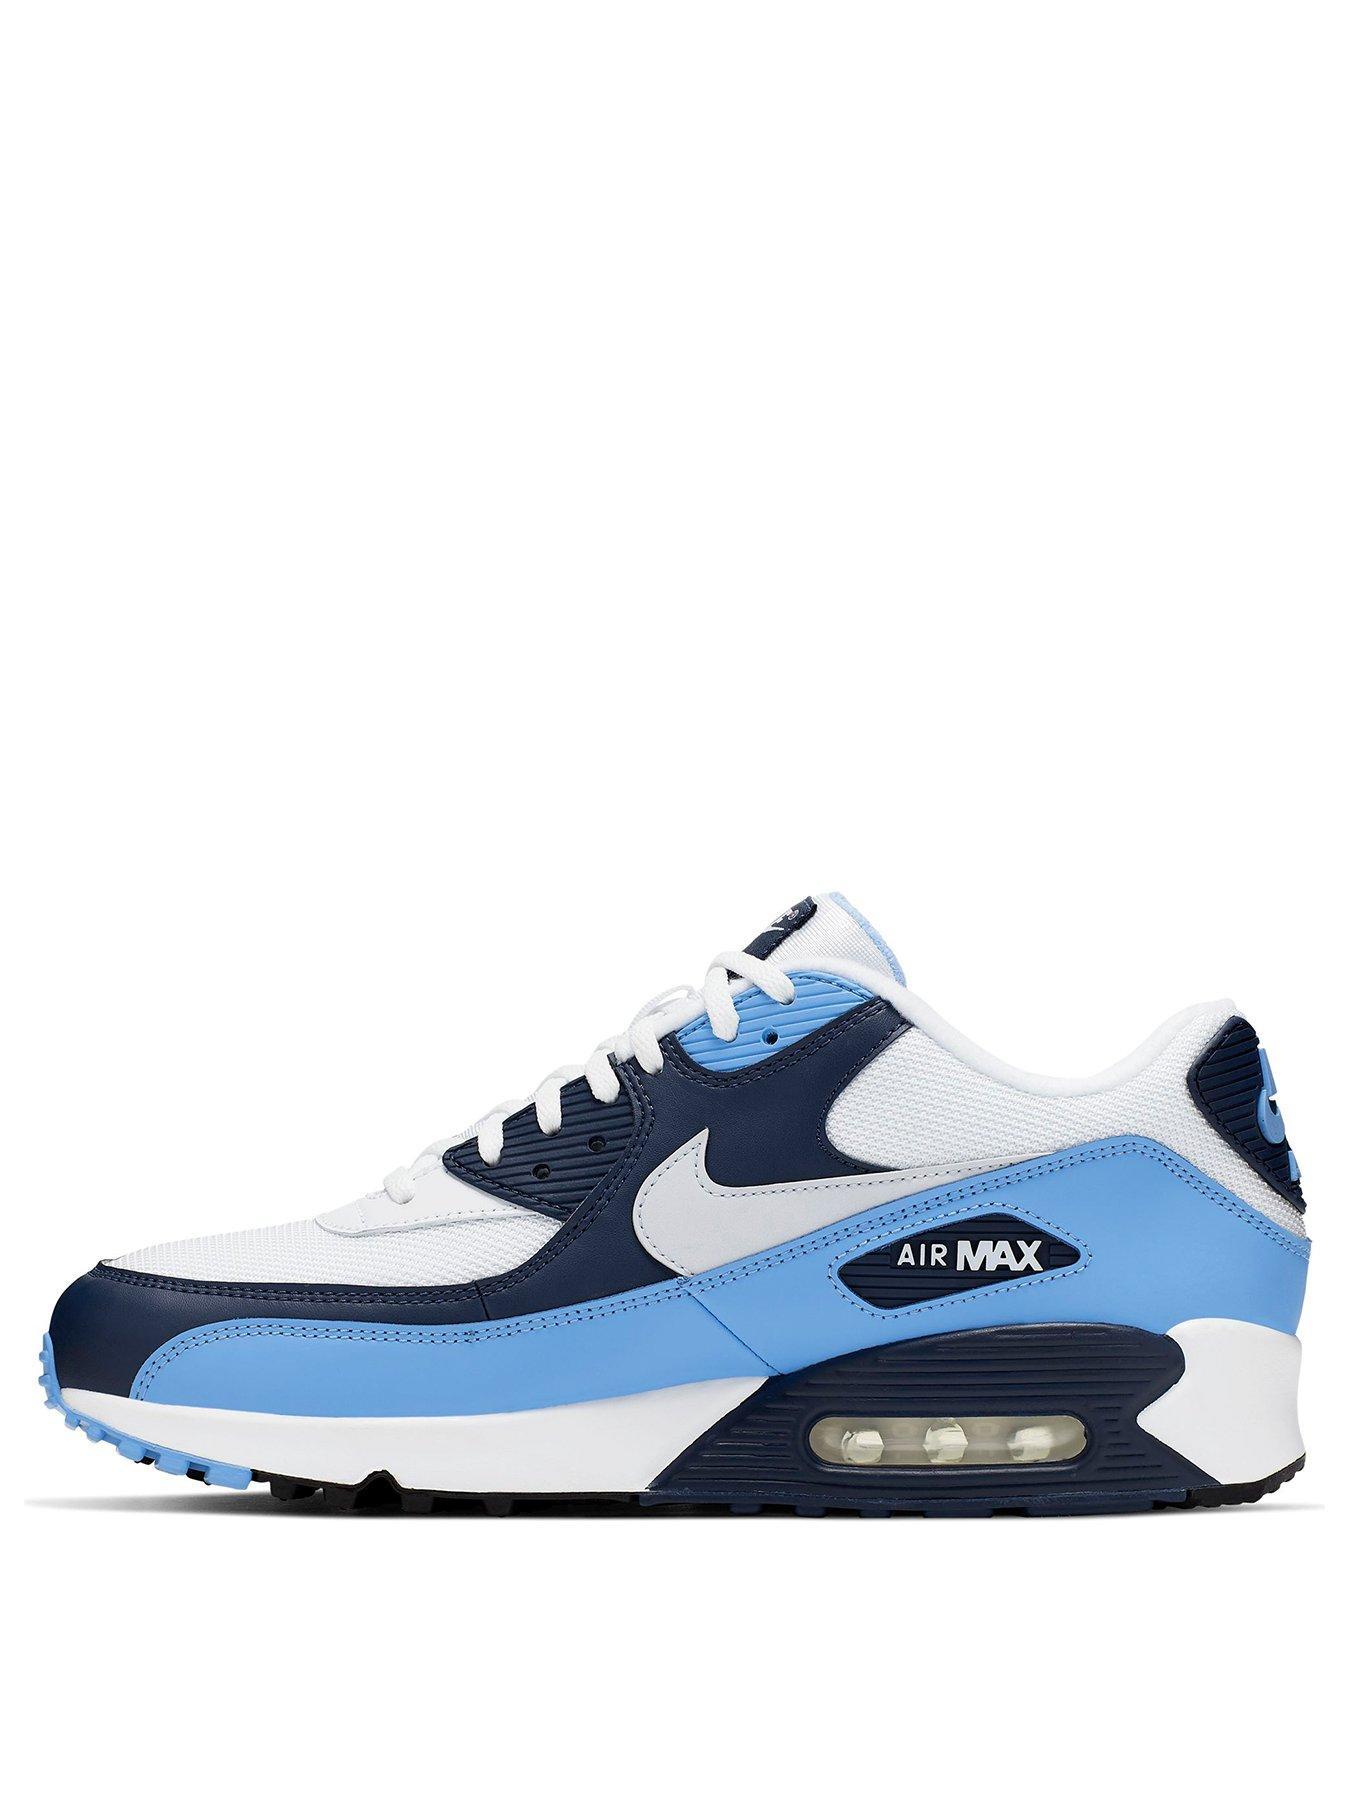 Nike Air Max 90 | Nike | Trainers | Men |